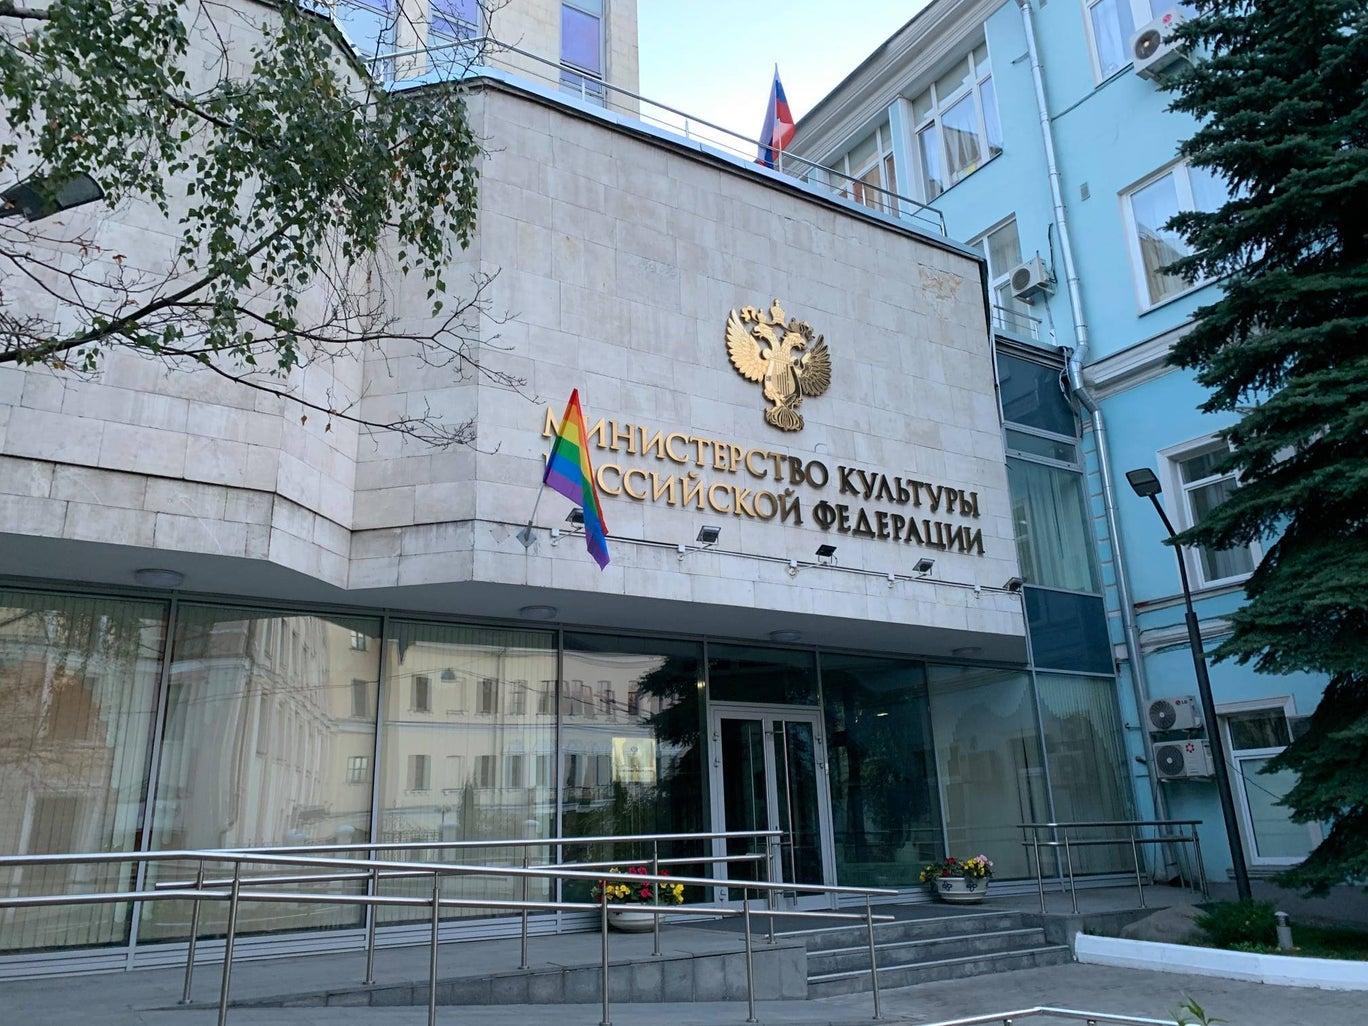 Pussy Riot celebra el cumpleaños de Vladimir Putin con banderas LGBTQ+ en edificios gubernamentales rusos